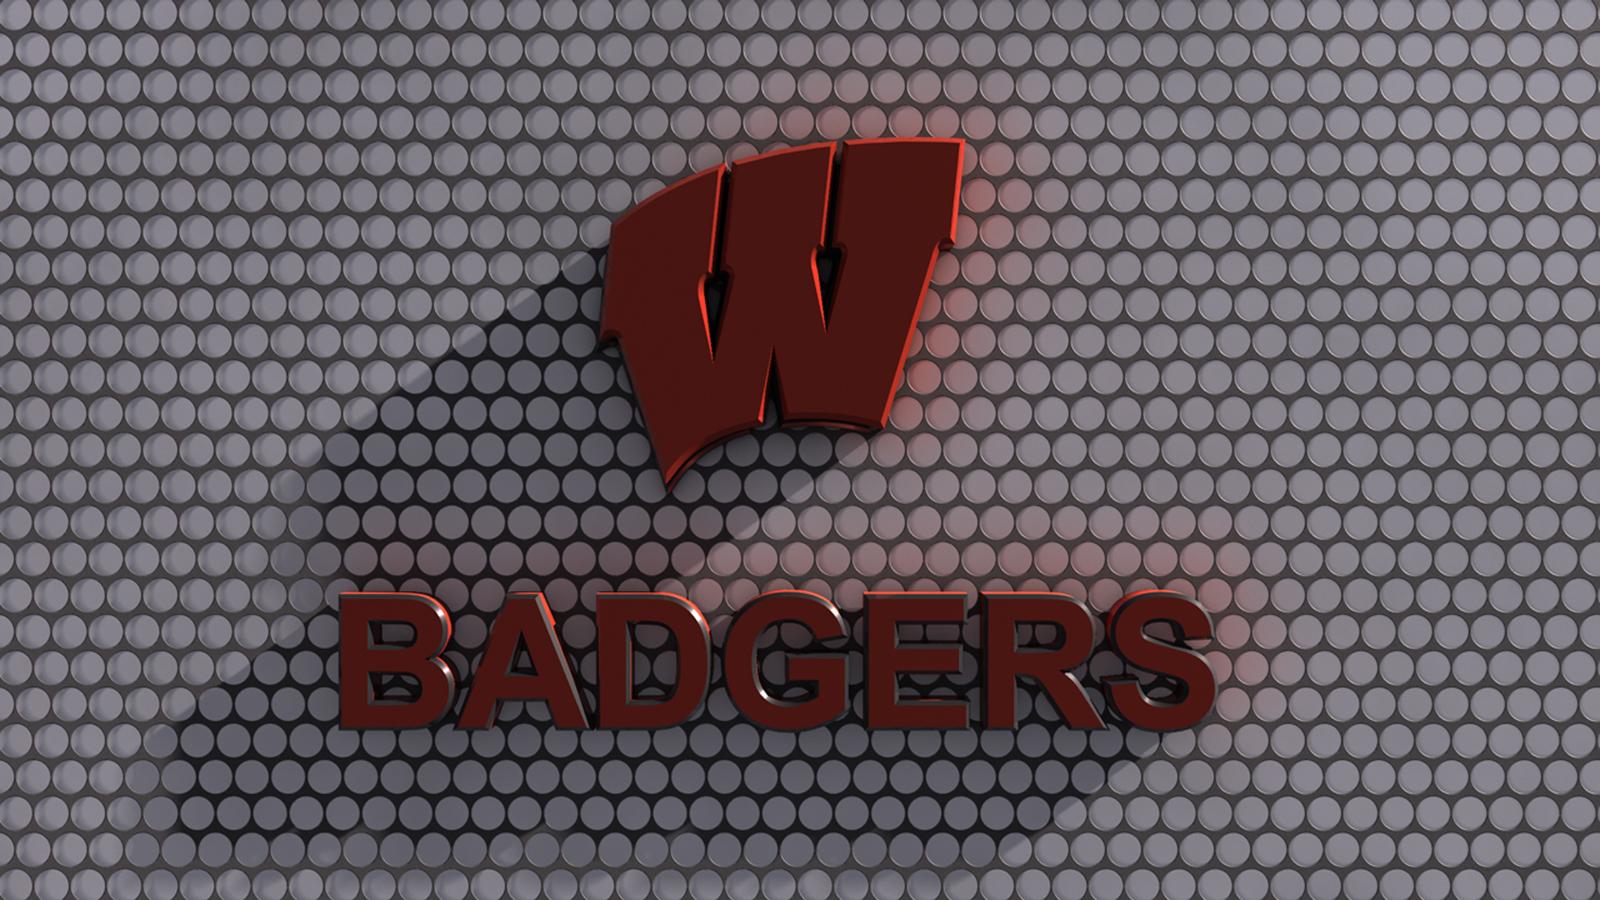 wisconsin badgers computer wallpaper